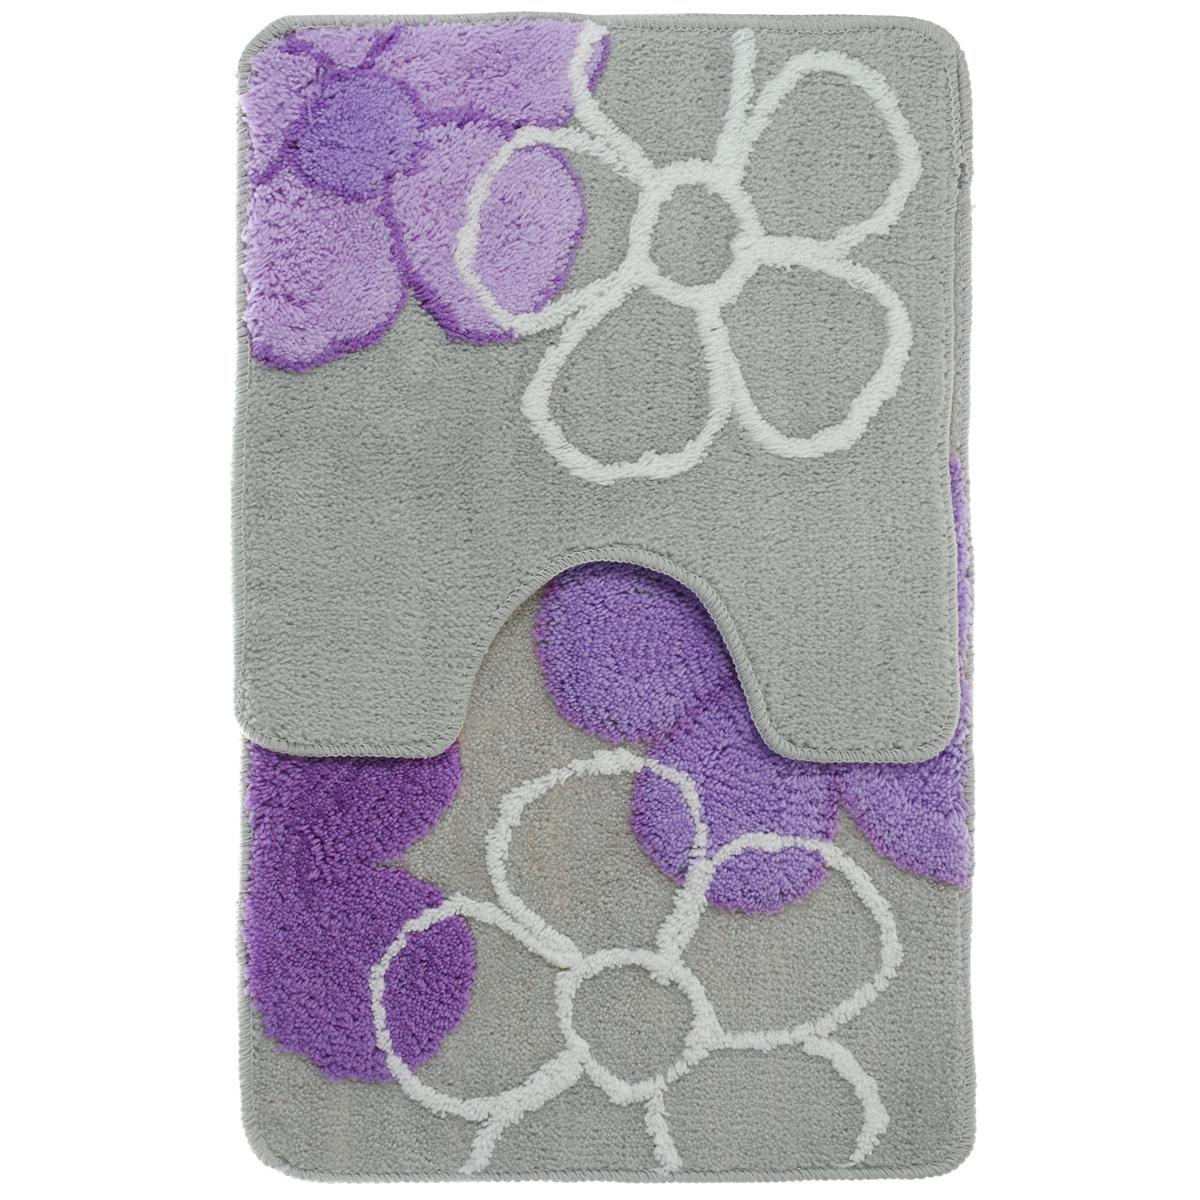 Комплект ковриков для ванной Fresh Code, цвет: серый, фиолетовый, 2 предмета391602Комплект Fresh Code состоит из коврика для ванной комнаты и туалета. Коврики изготовлены из акрила и оформлены цветочным изображением. Это экологически чистый, быстросохнущий, мягкий и износостойкий материал. Красители устойчивы, поэтому коврики не потускнеют даже после многократных стирок в стиральной машине. Благодаря латексной основе коврики не скользят на полу. Края изделий обработаны оверлоком. Можно использовать на полу с подогревом. Набор для ванной Fresh Code подарит ощущение тепла и комфорта, а также привнесет уют в вашу ванную комнату. Высота ворса: 1 см. Размер коврика для ванной комнаты: 80 см х 50 см. Размер коврика для туалета: 50 см х 50 см.